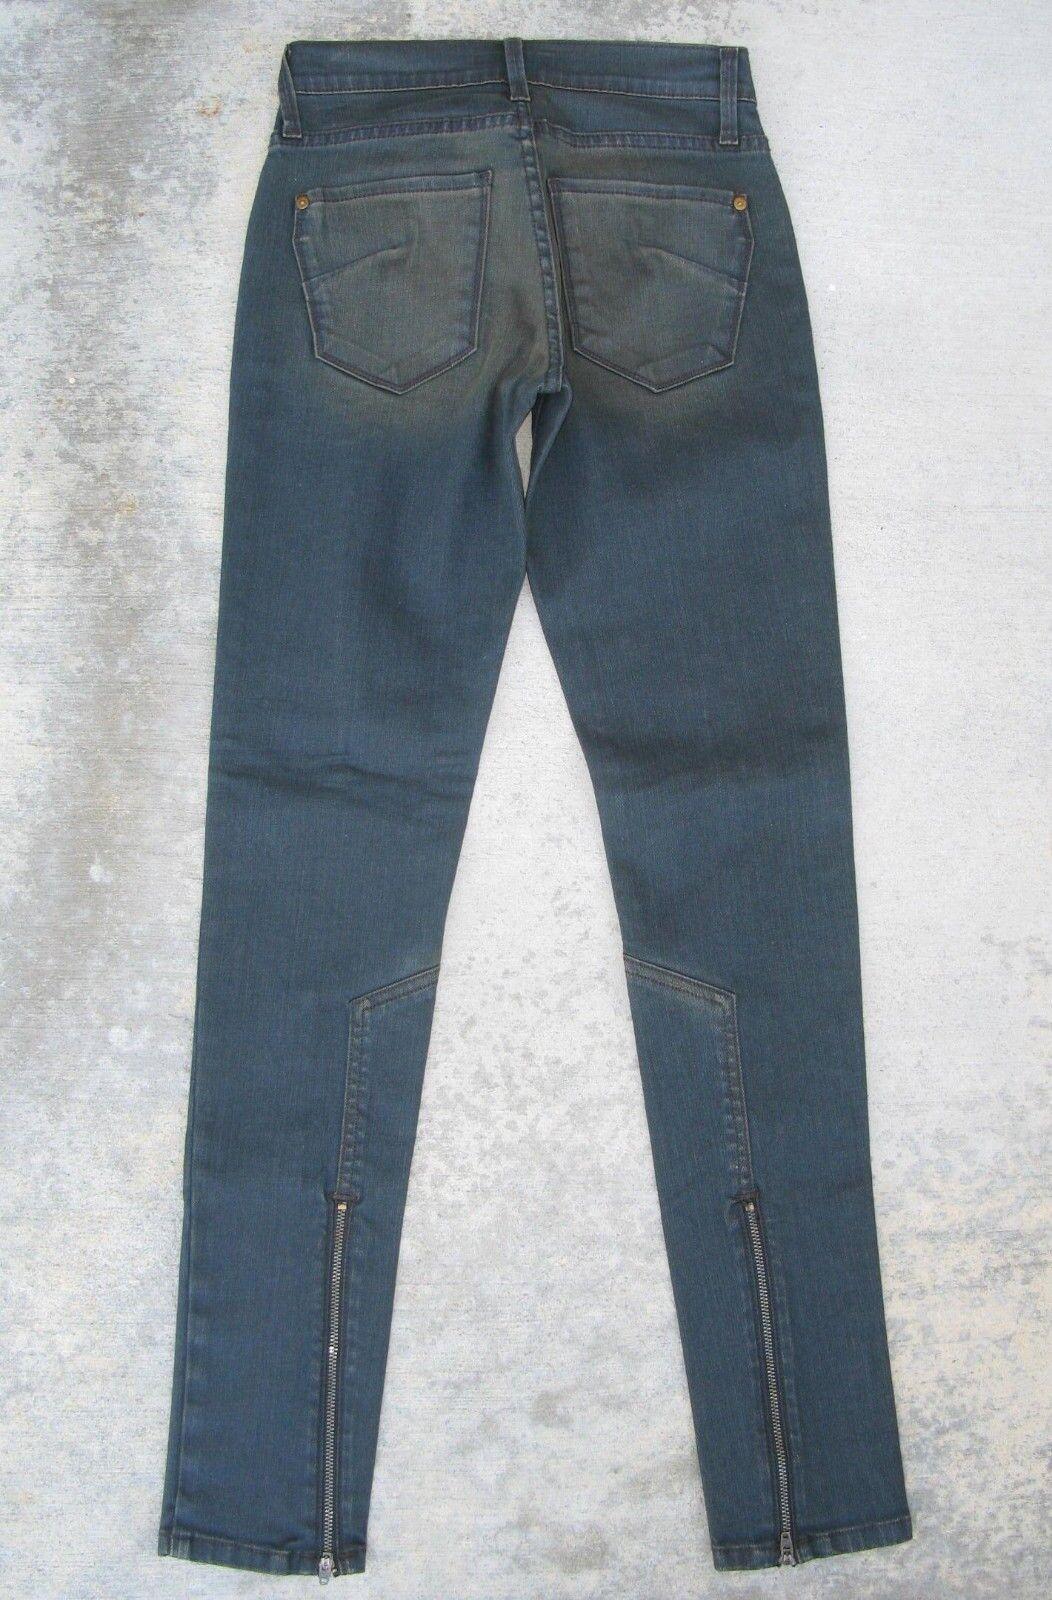 James Jeans Geo Skinny Twiggy Jeggings Zipper Hems Dark USA Made Sz 25 NEW